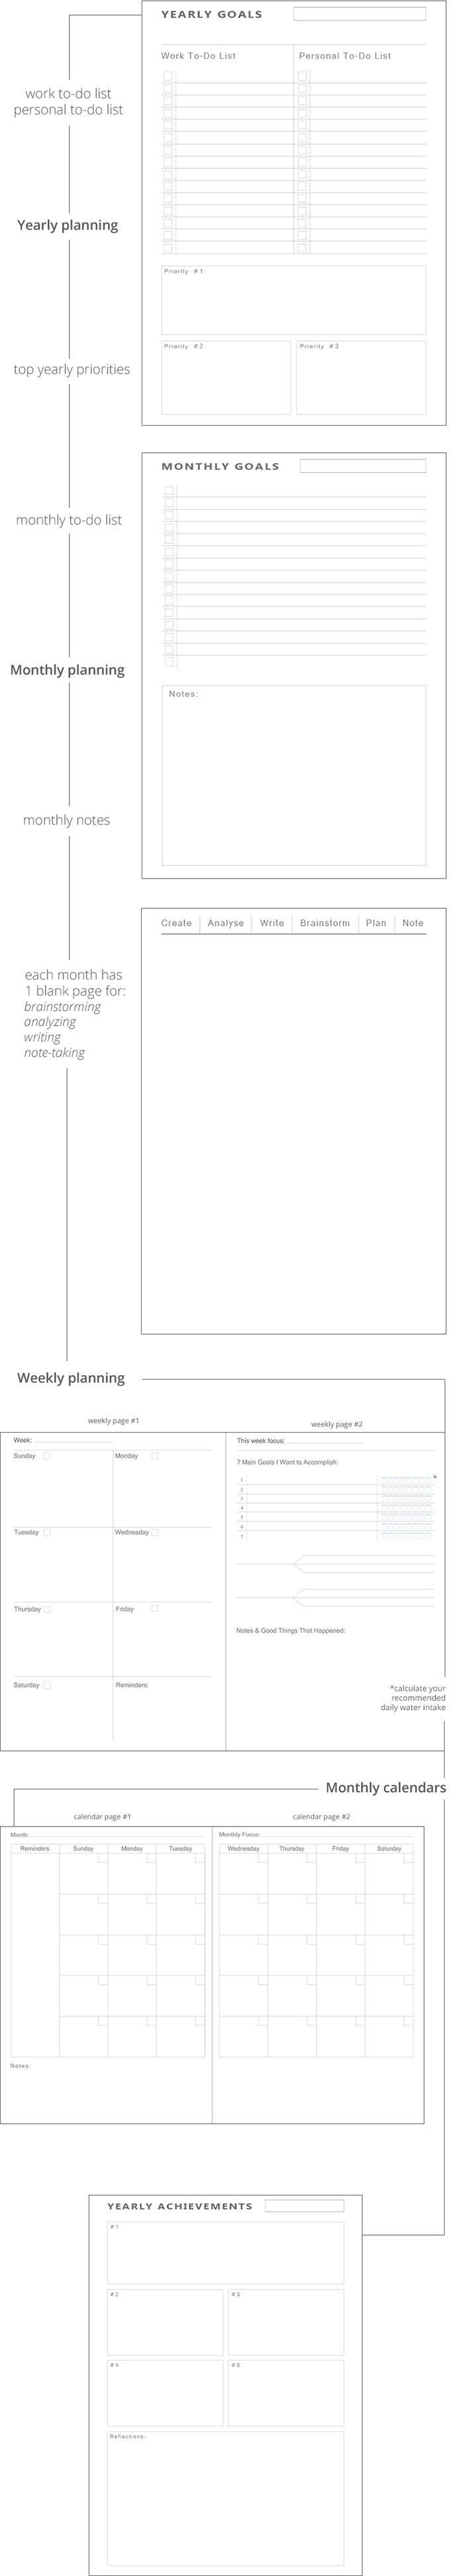 StunBear Planner   Notebook: Achieve All Your Goals by David Palmer — Kickstarter